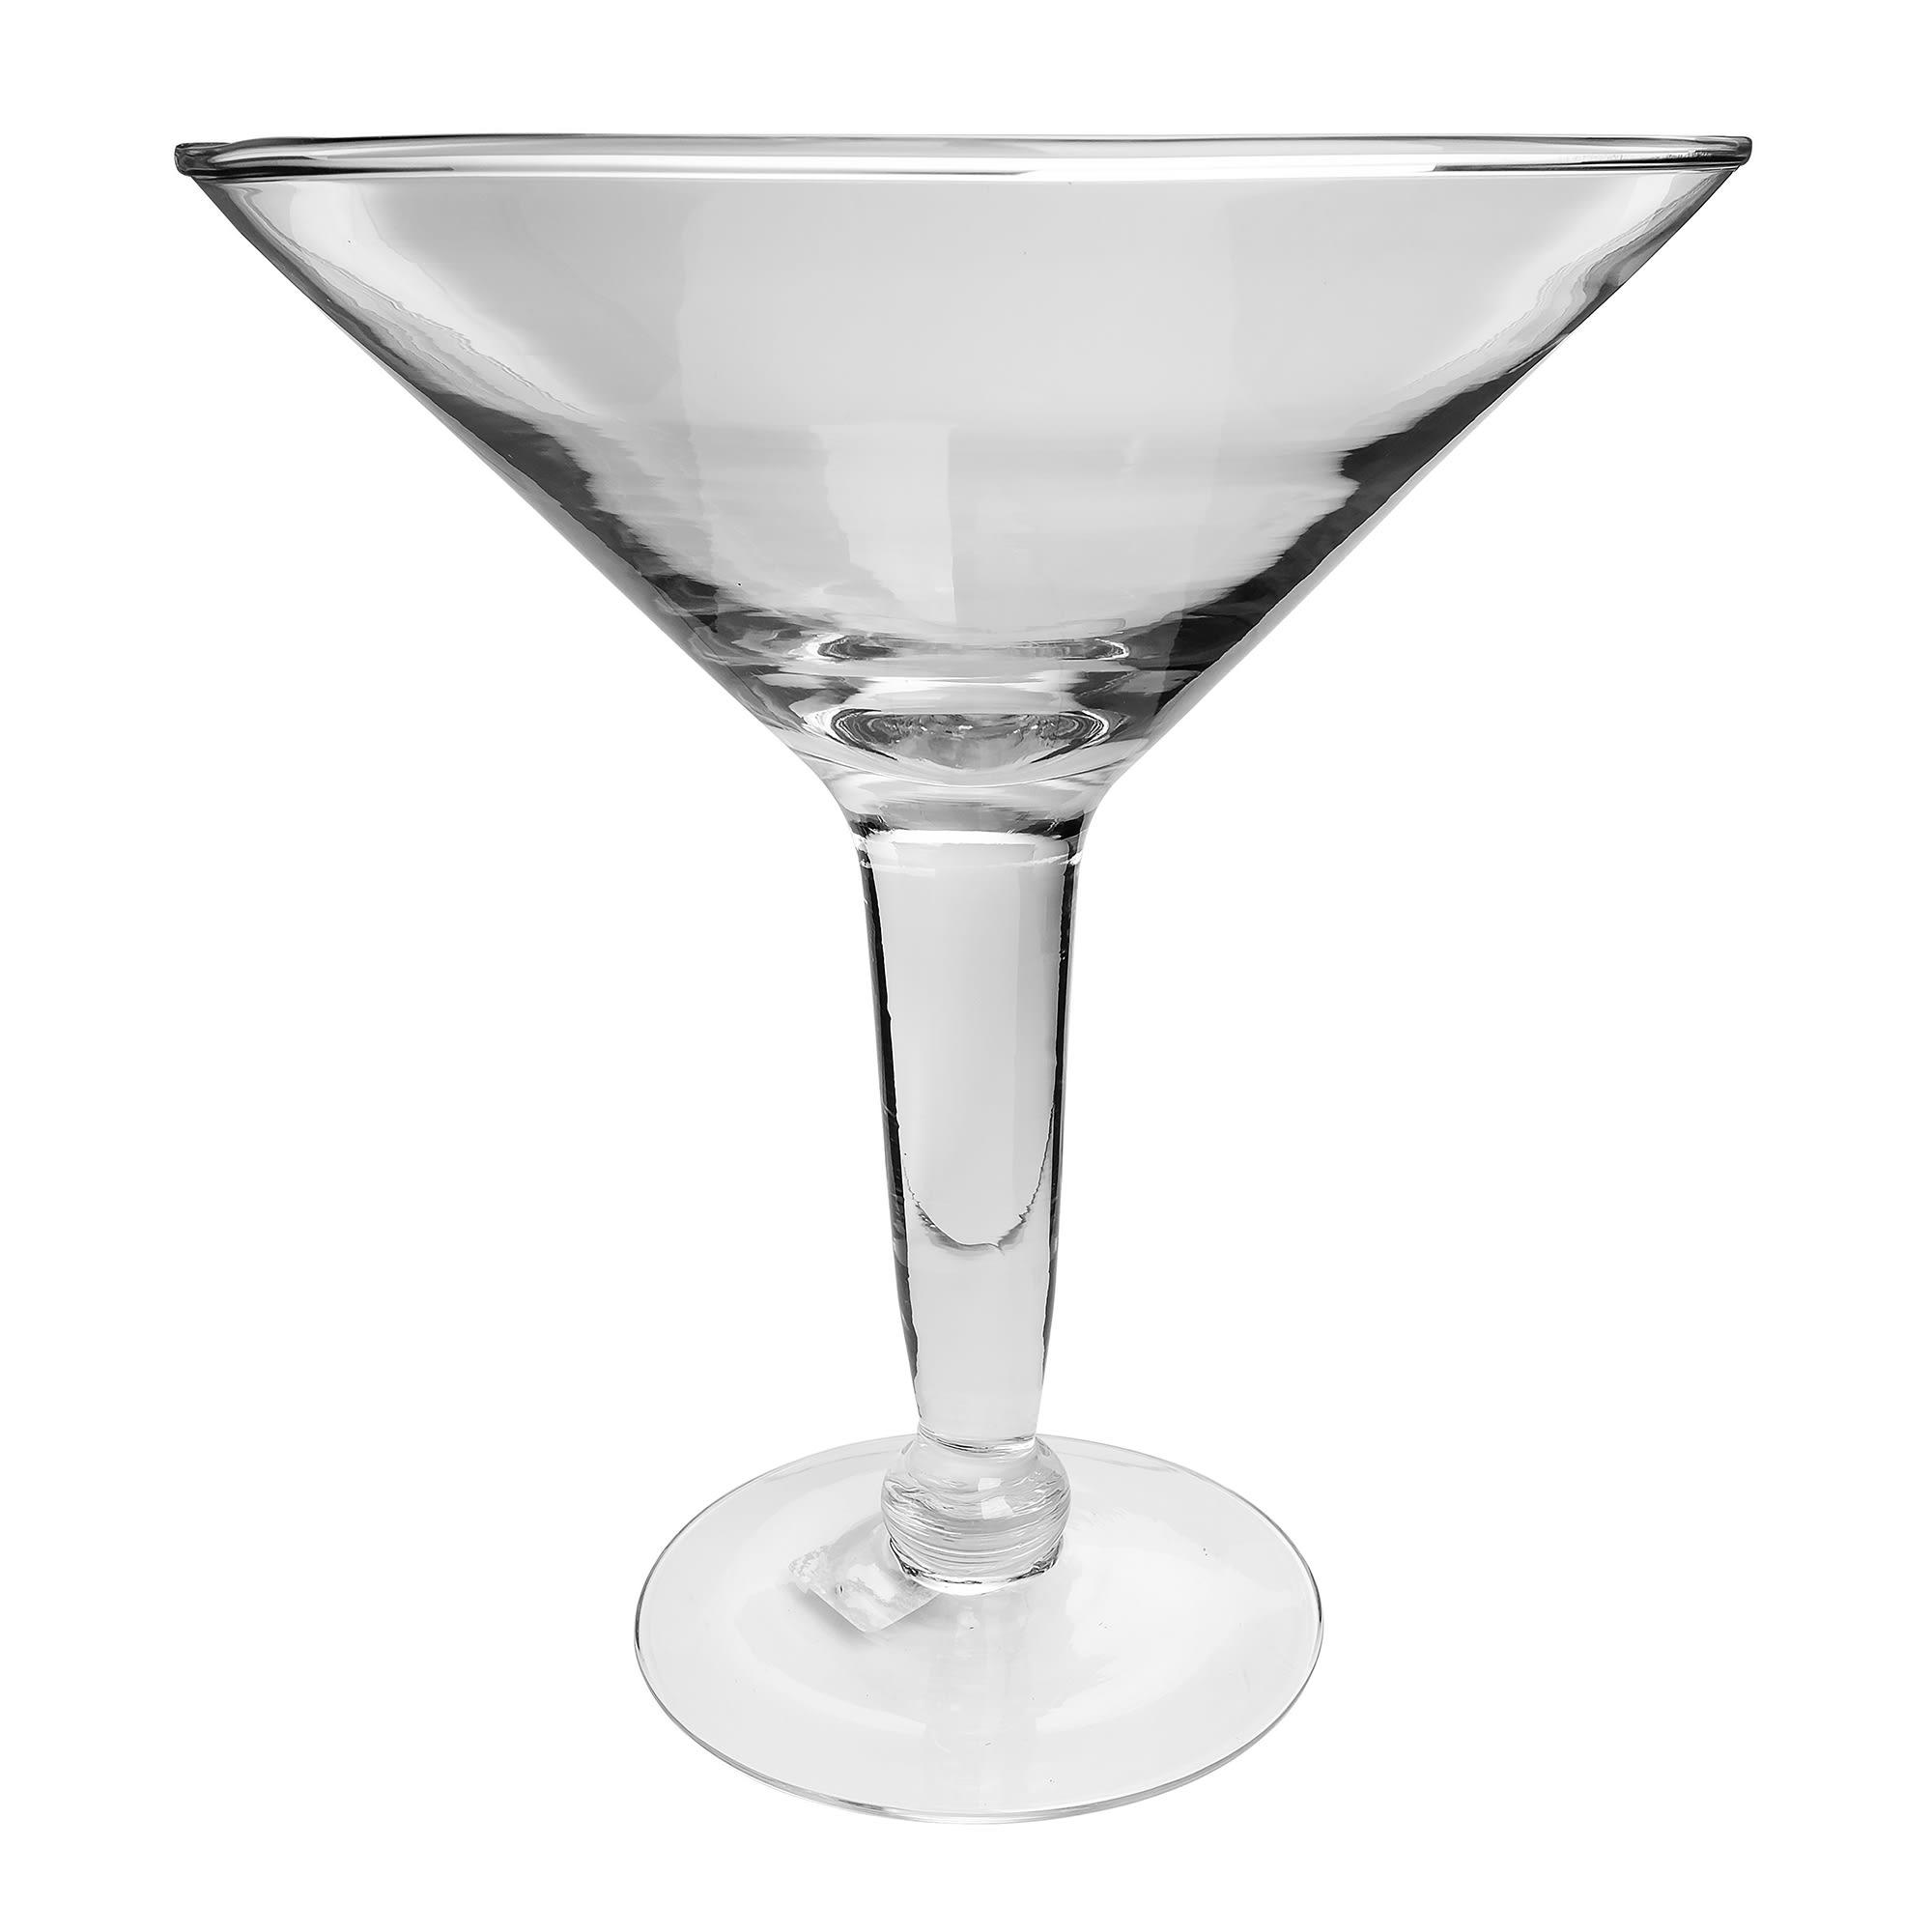 Libbey 9570101 44 oz Super Martini Glass